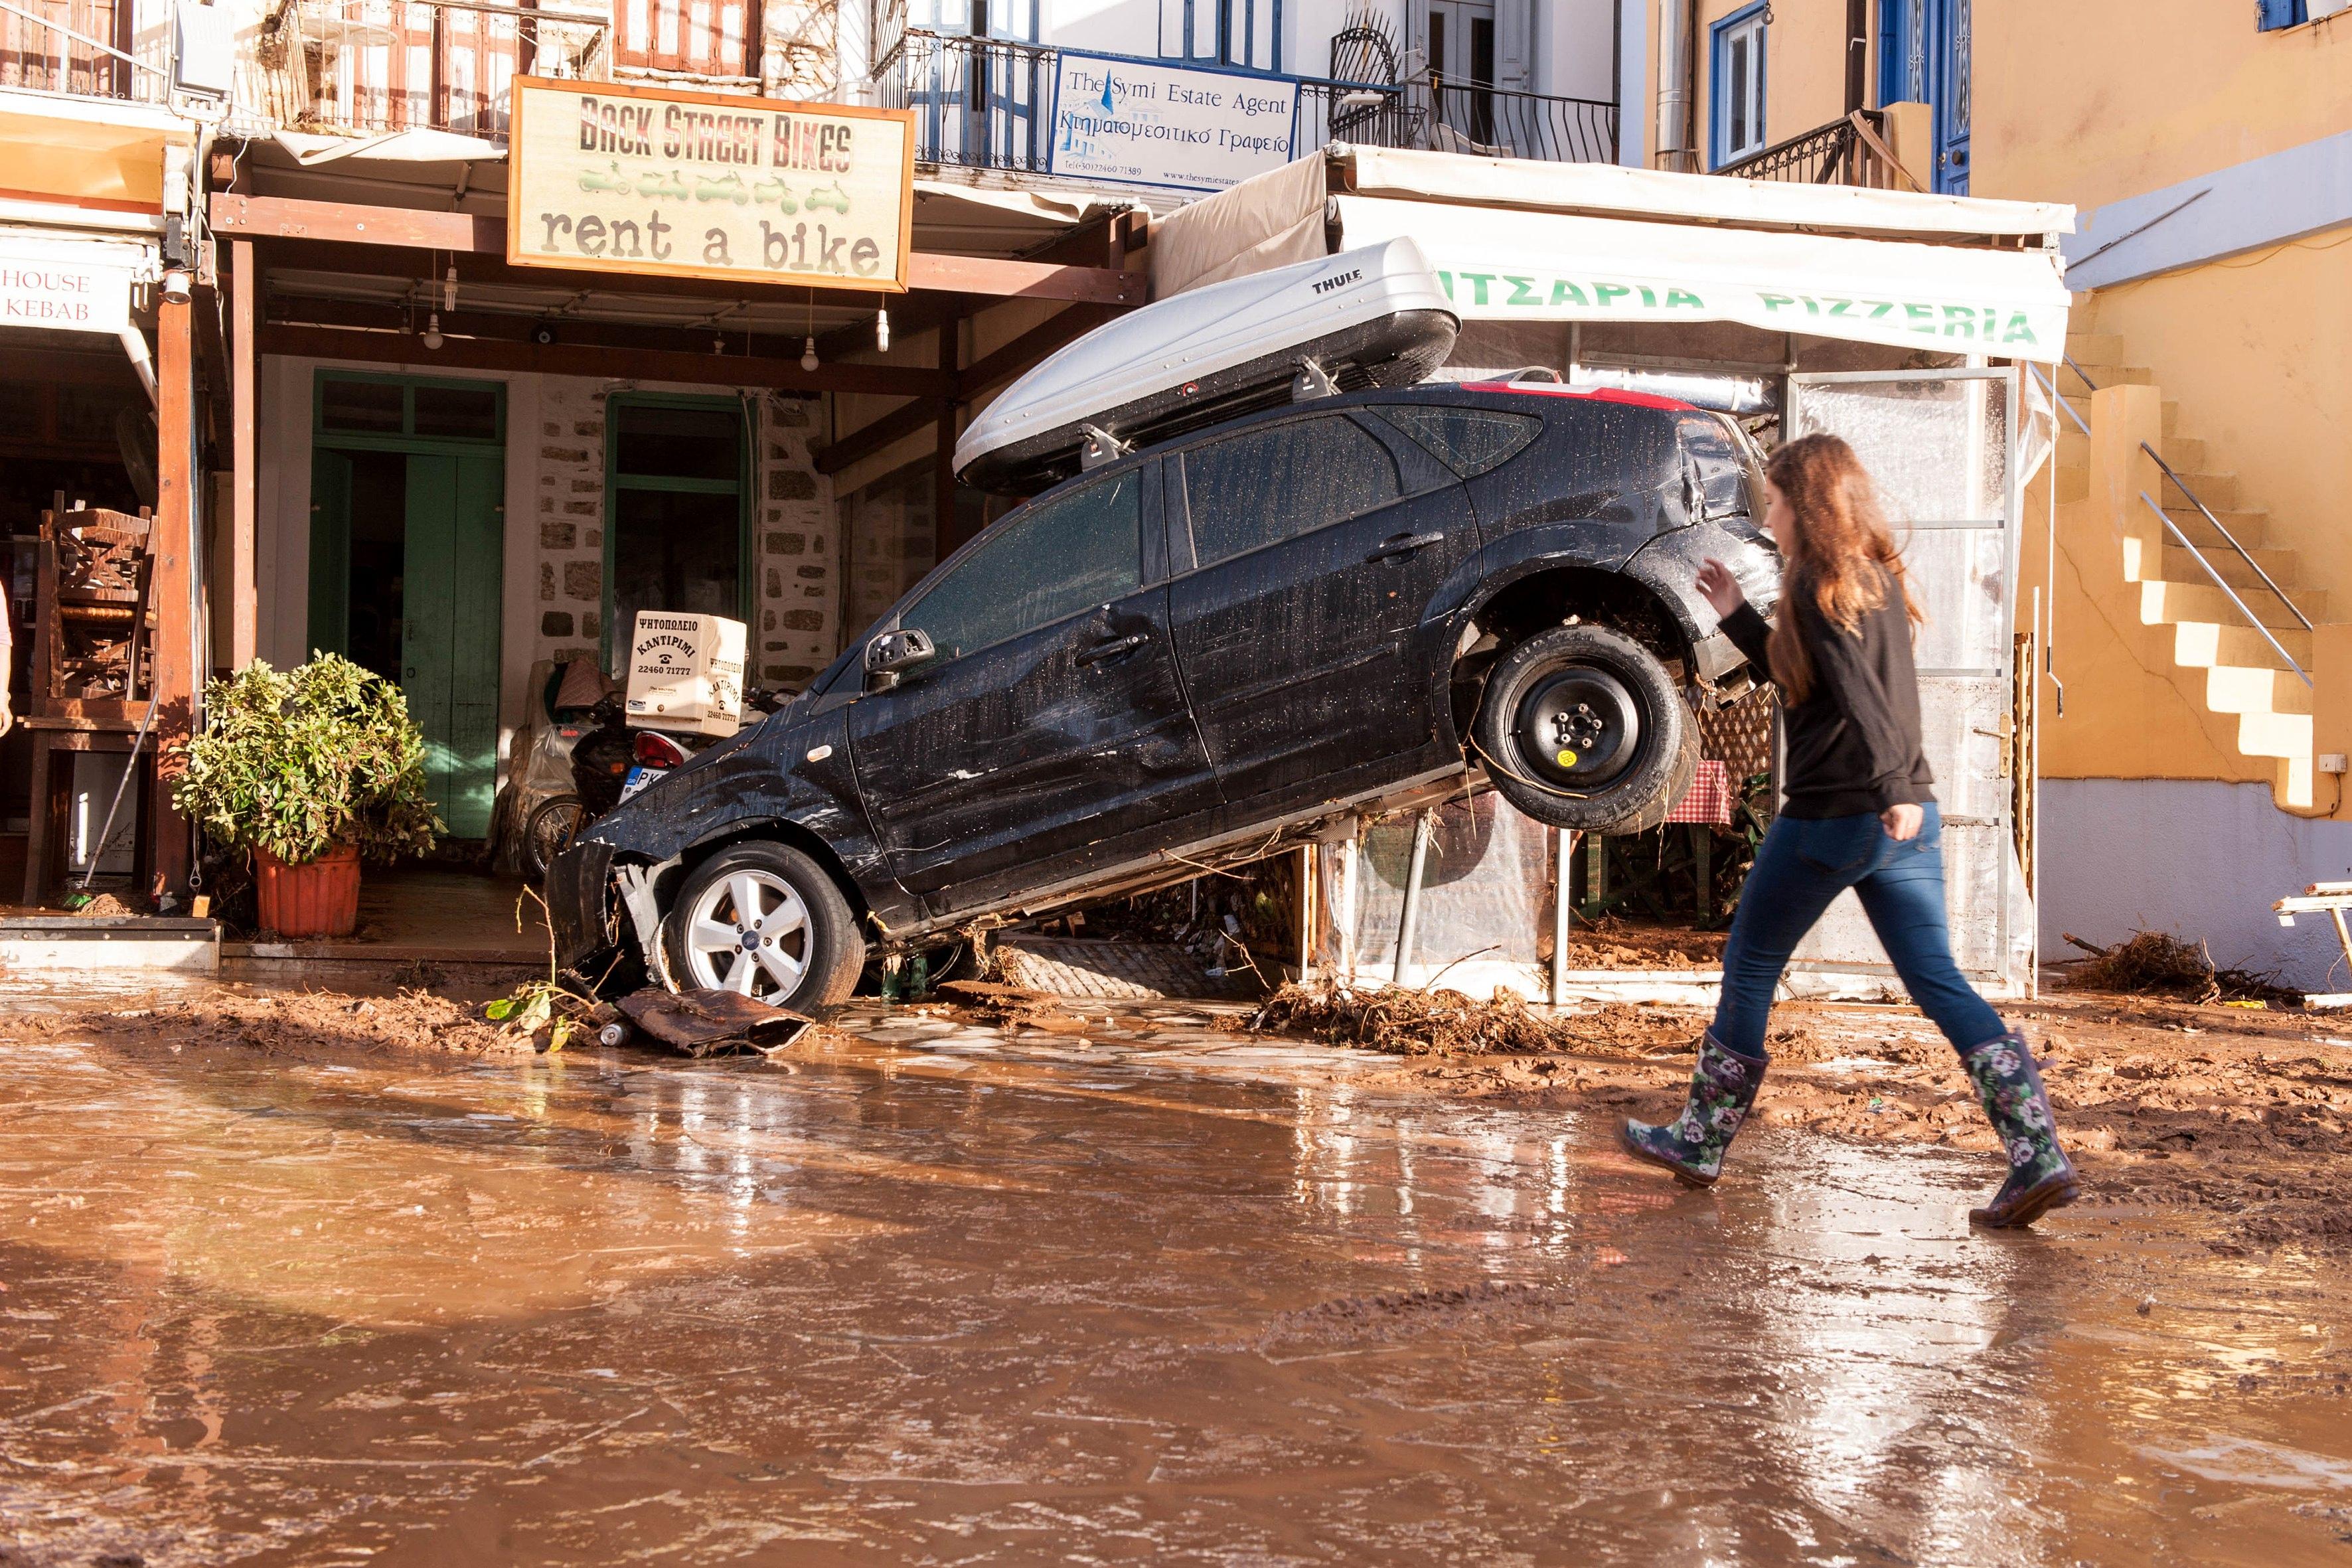 Поне 7 са жертвите на наводненията, които заляха района западно от Атина, съобщи гръцката противопожарна служба. Пътищата се превърнаха в реки от кал. Хиляди гърци останаха блокирани в домовете си. Бяха затворени училища и болници. Във вторник пък извънредно положение бе обявено на остров Сими. Там придошлите води нанесоха значителни материални щети и отнесоха десетки автомобили в морето.